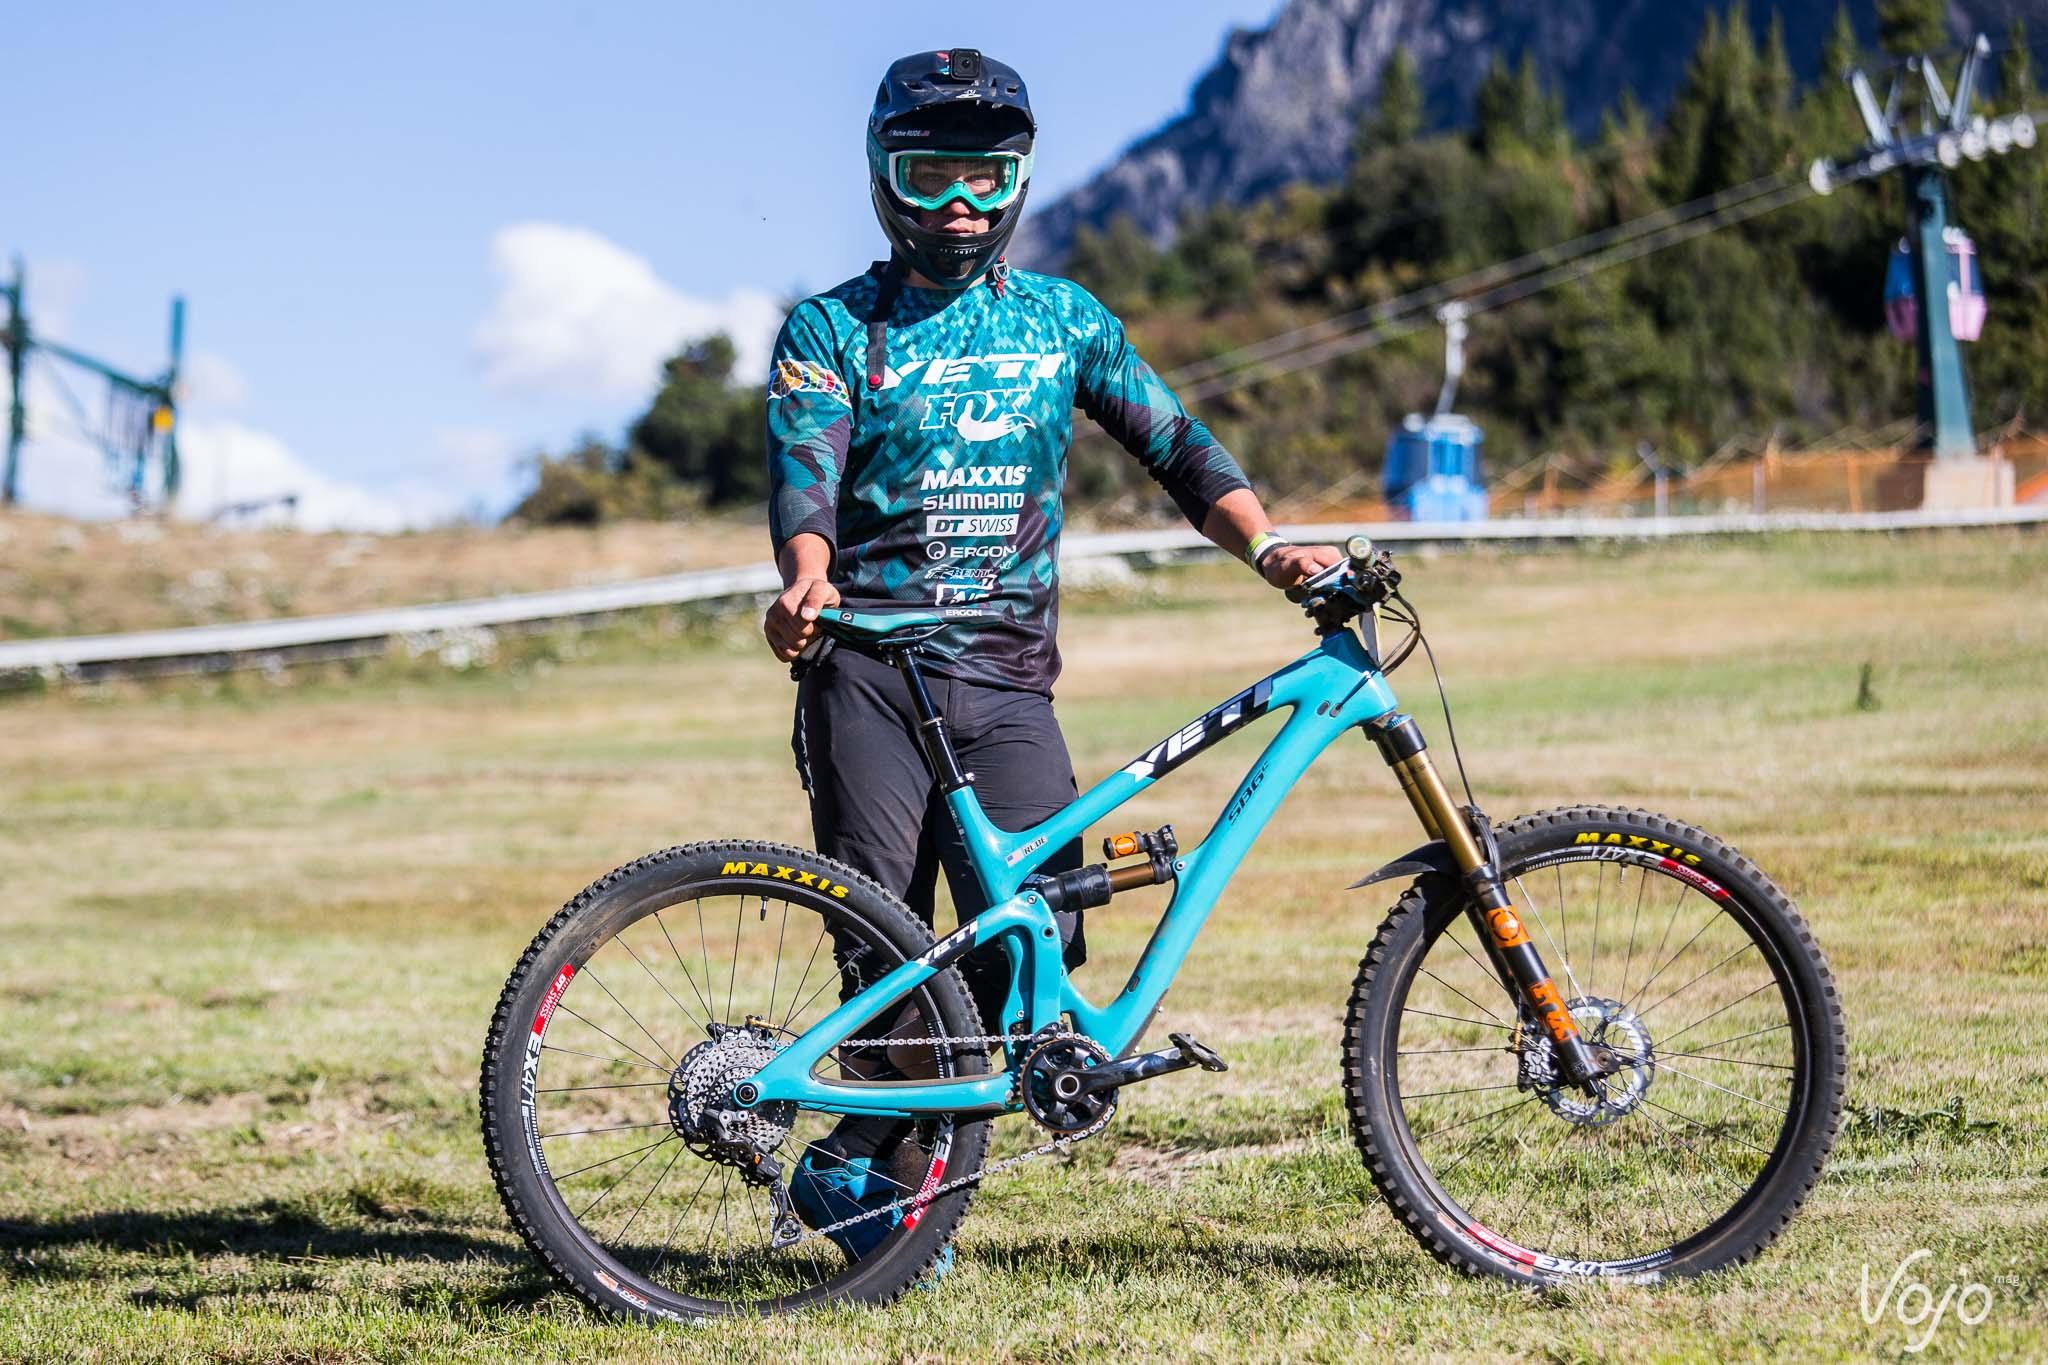 Richie_Rube_Yeti_SB6c_Bikecheck_Copyright_OBeart_VojoMag-1